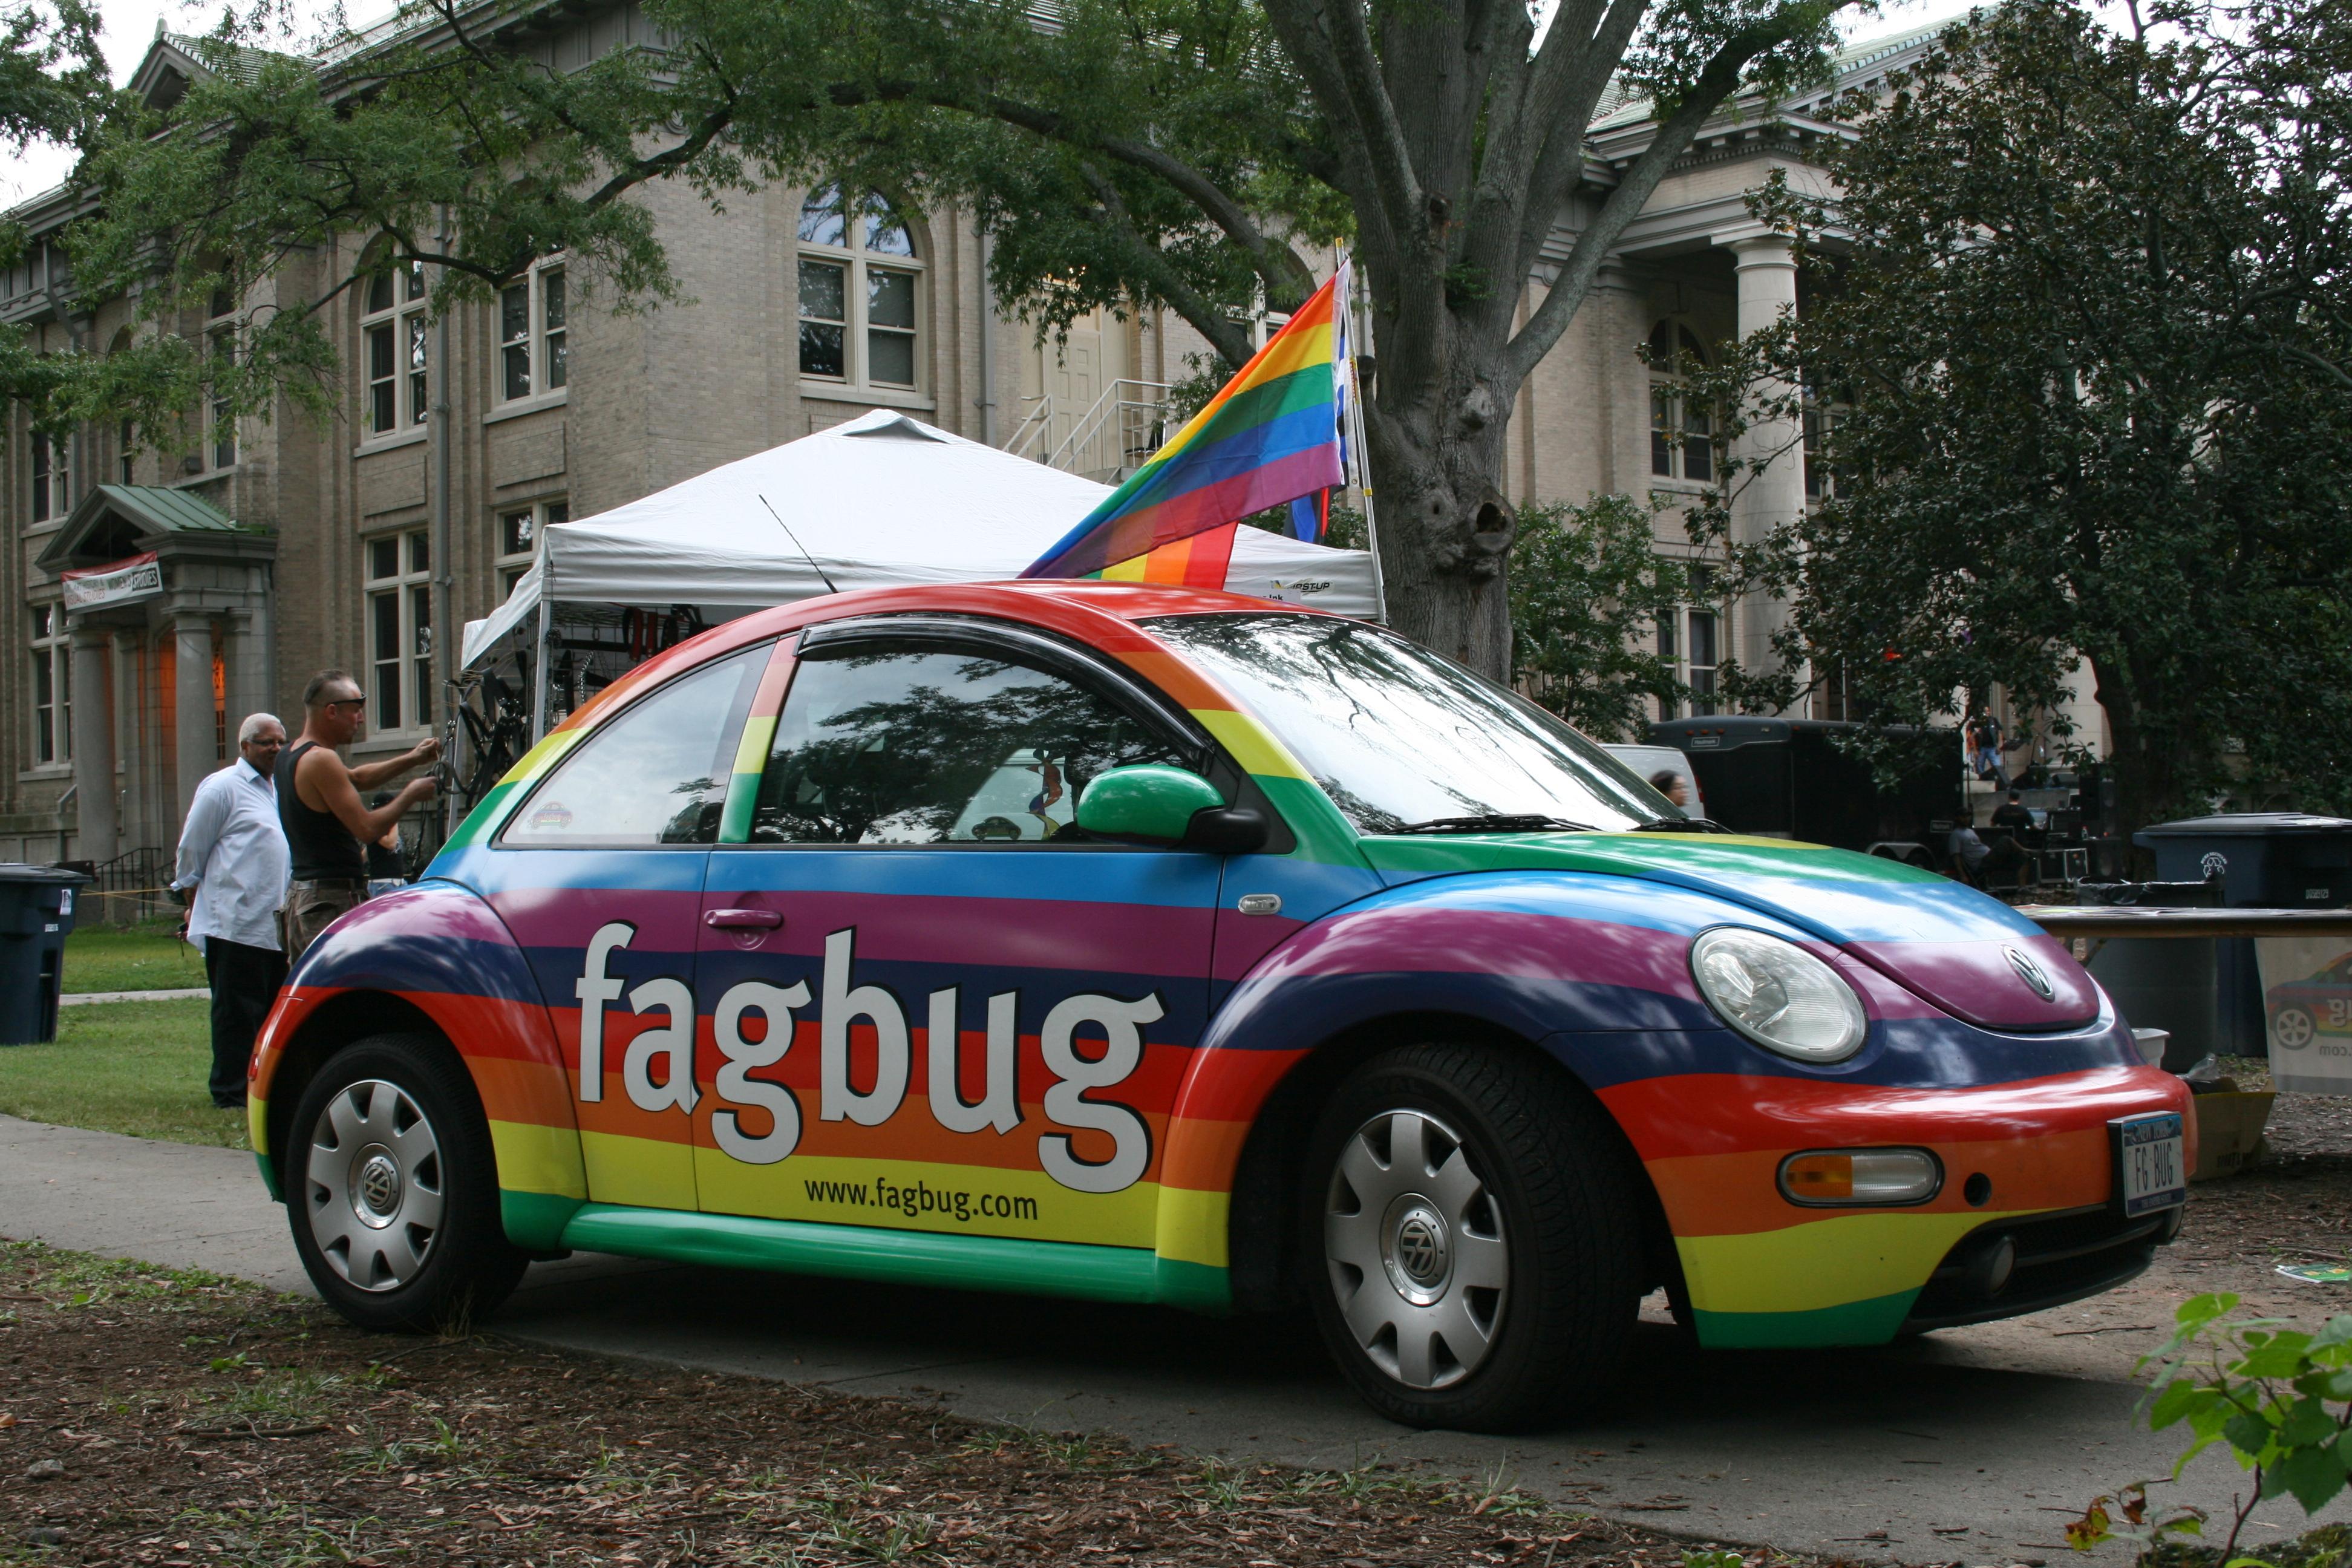 2008-09-27 Fagbug in Durham.jpg